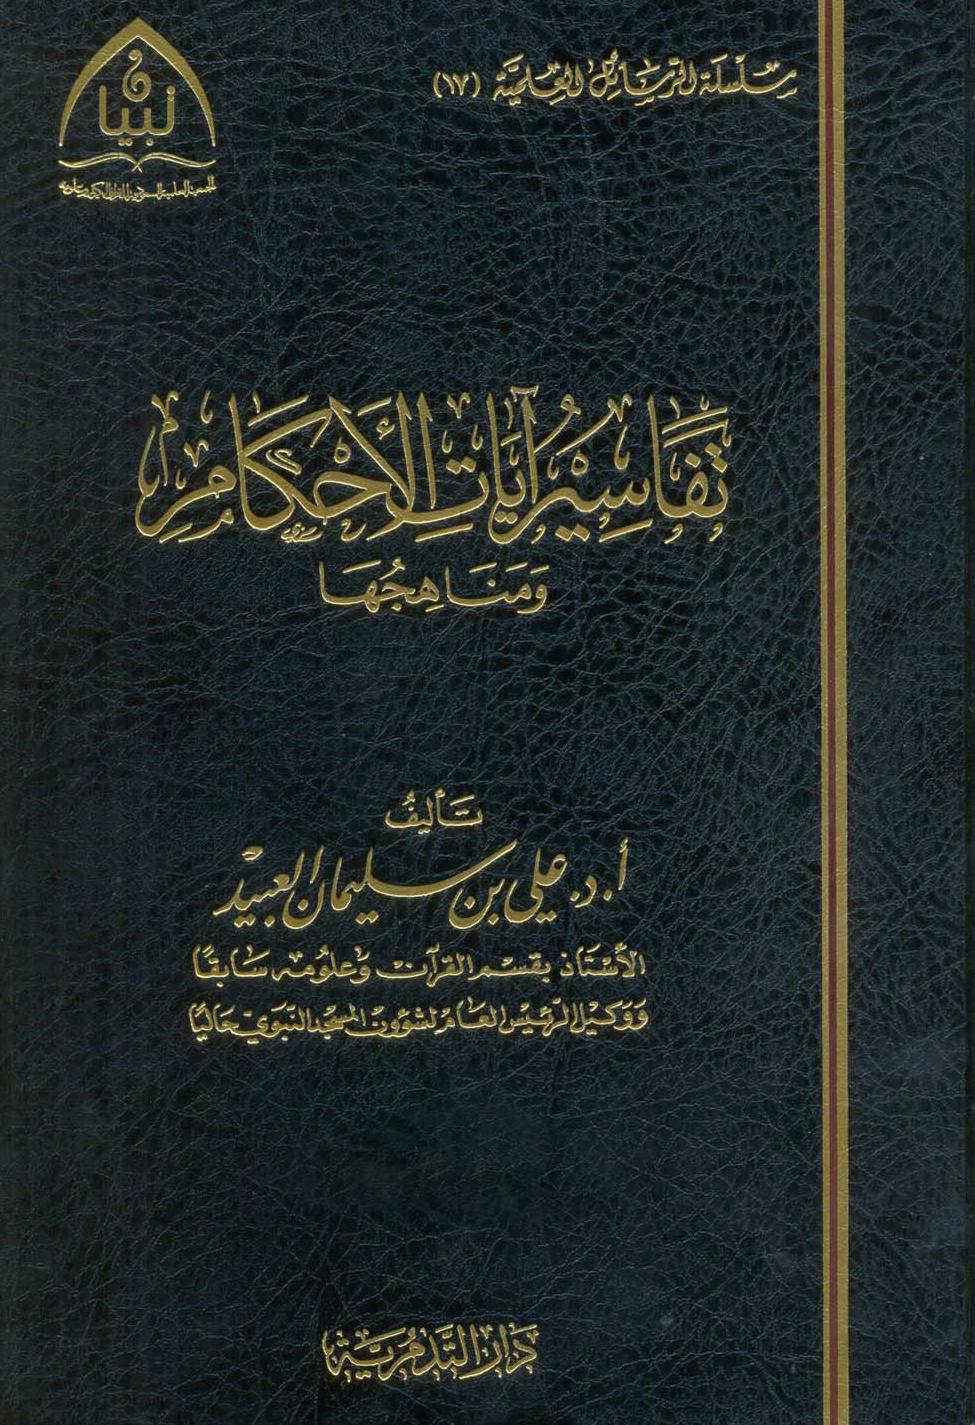 تحميل كتاب تفاسير آيات الأحكام ومناهجها لـِ: الدكتور علي بن سليمان العبيد